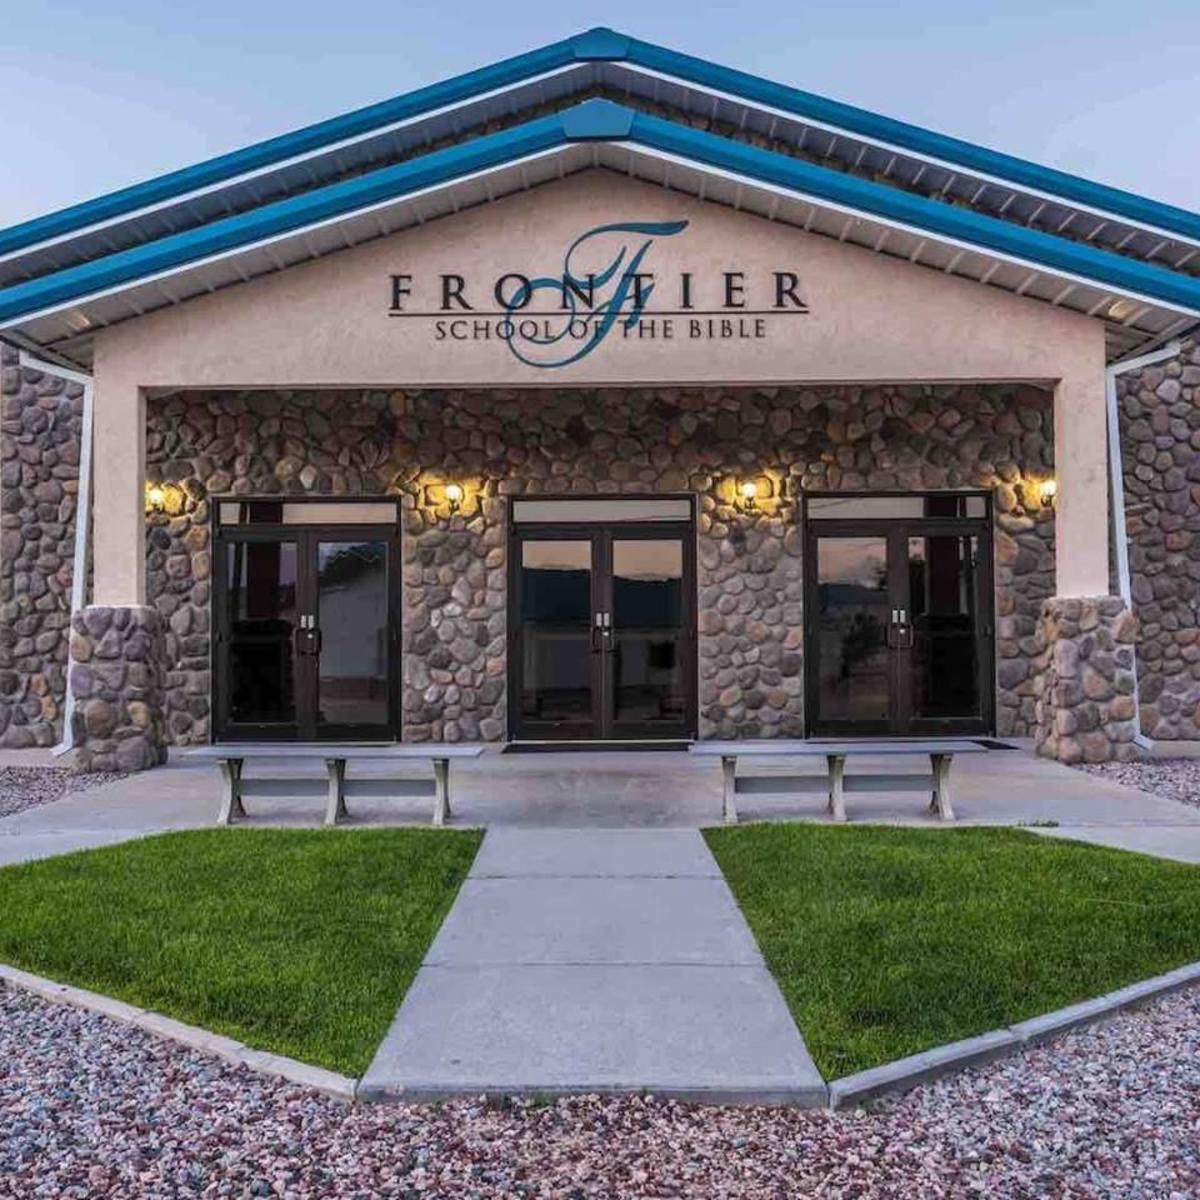 Frontier School of the Bible, in LaGrange, Wyoming.